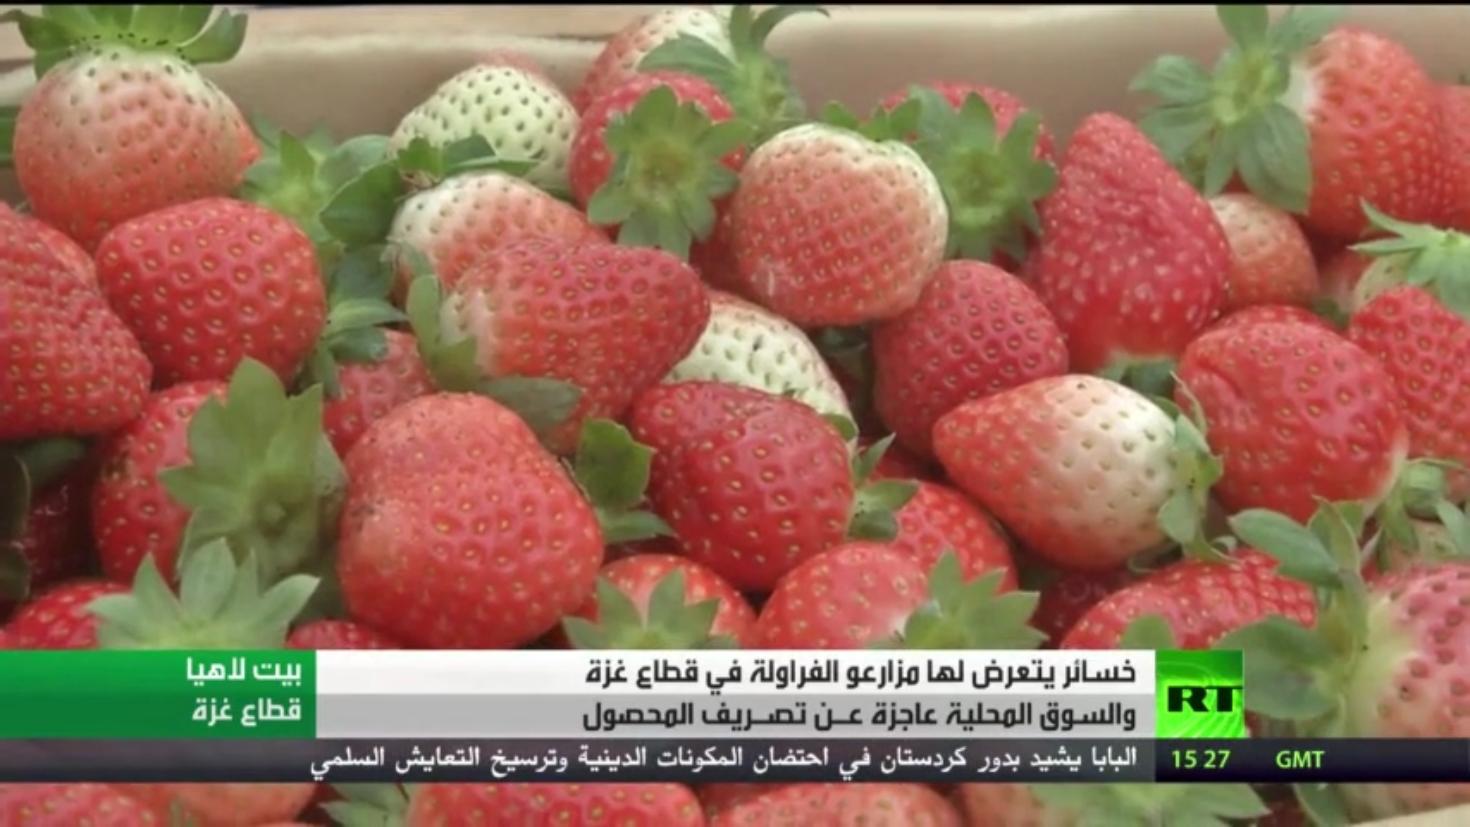 خسائر مزارعي الفراولة في غزة بسبب تدني الأسعار